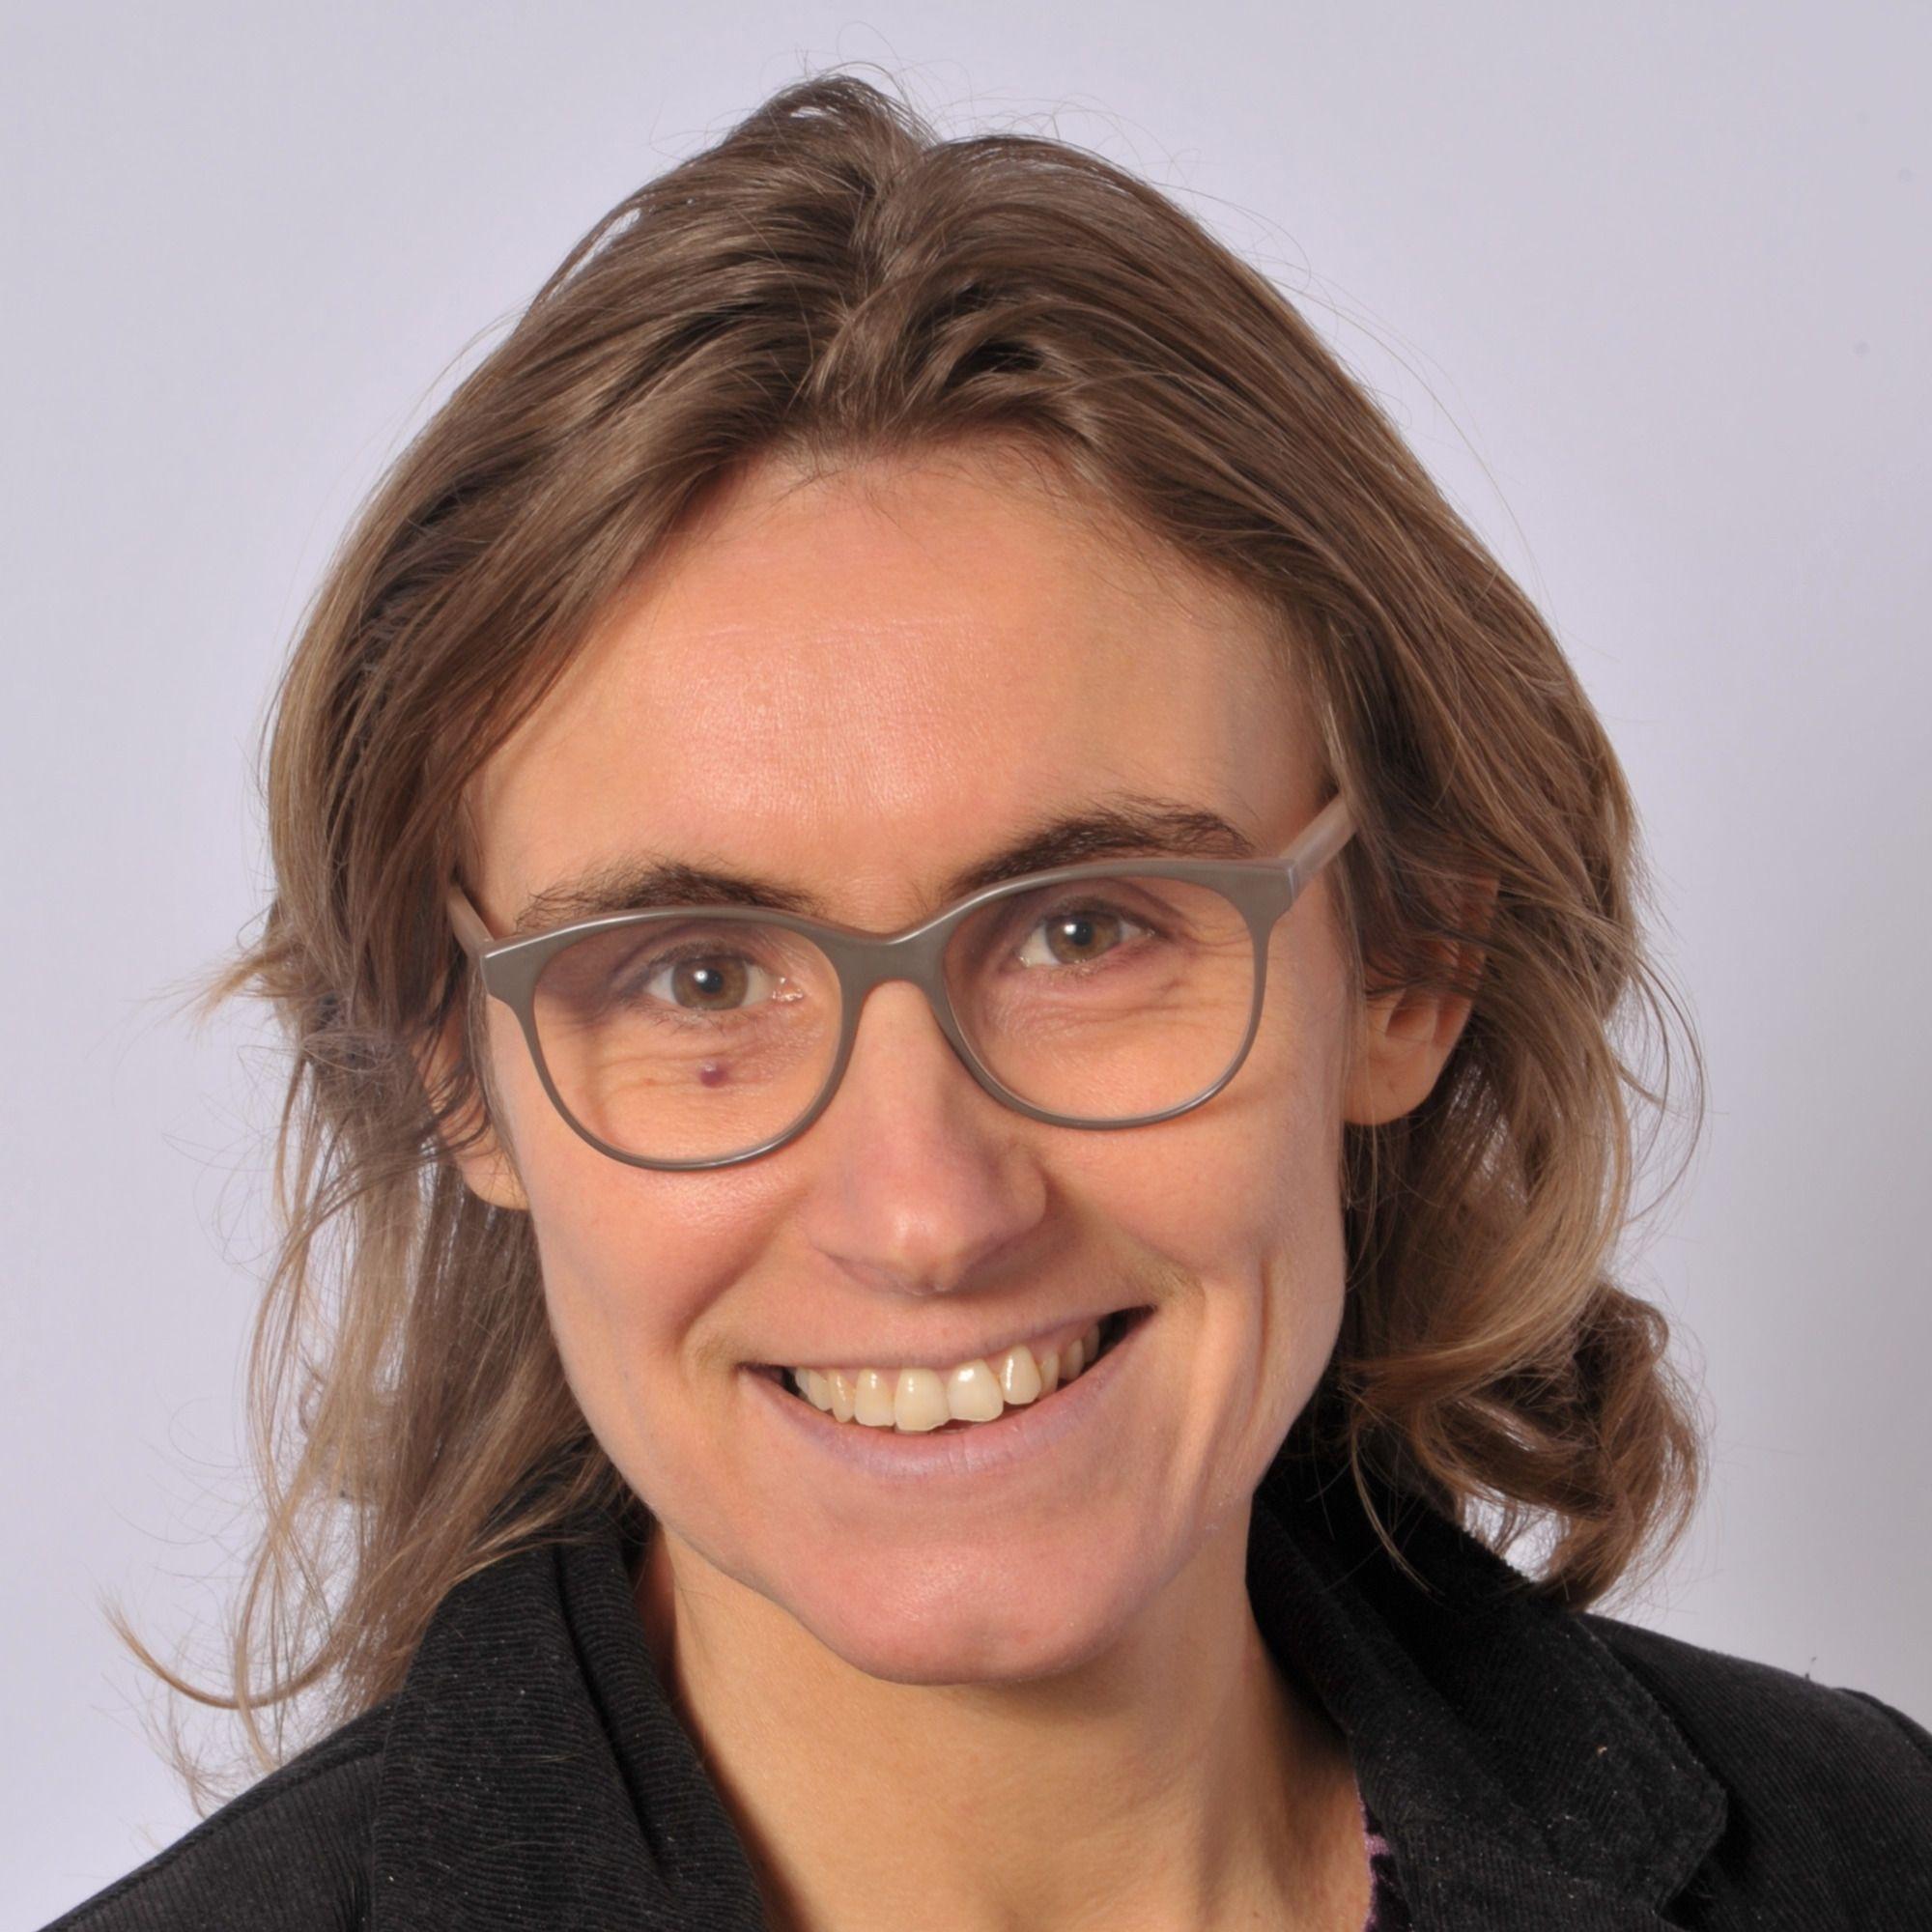 Yvonne van Gameren